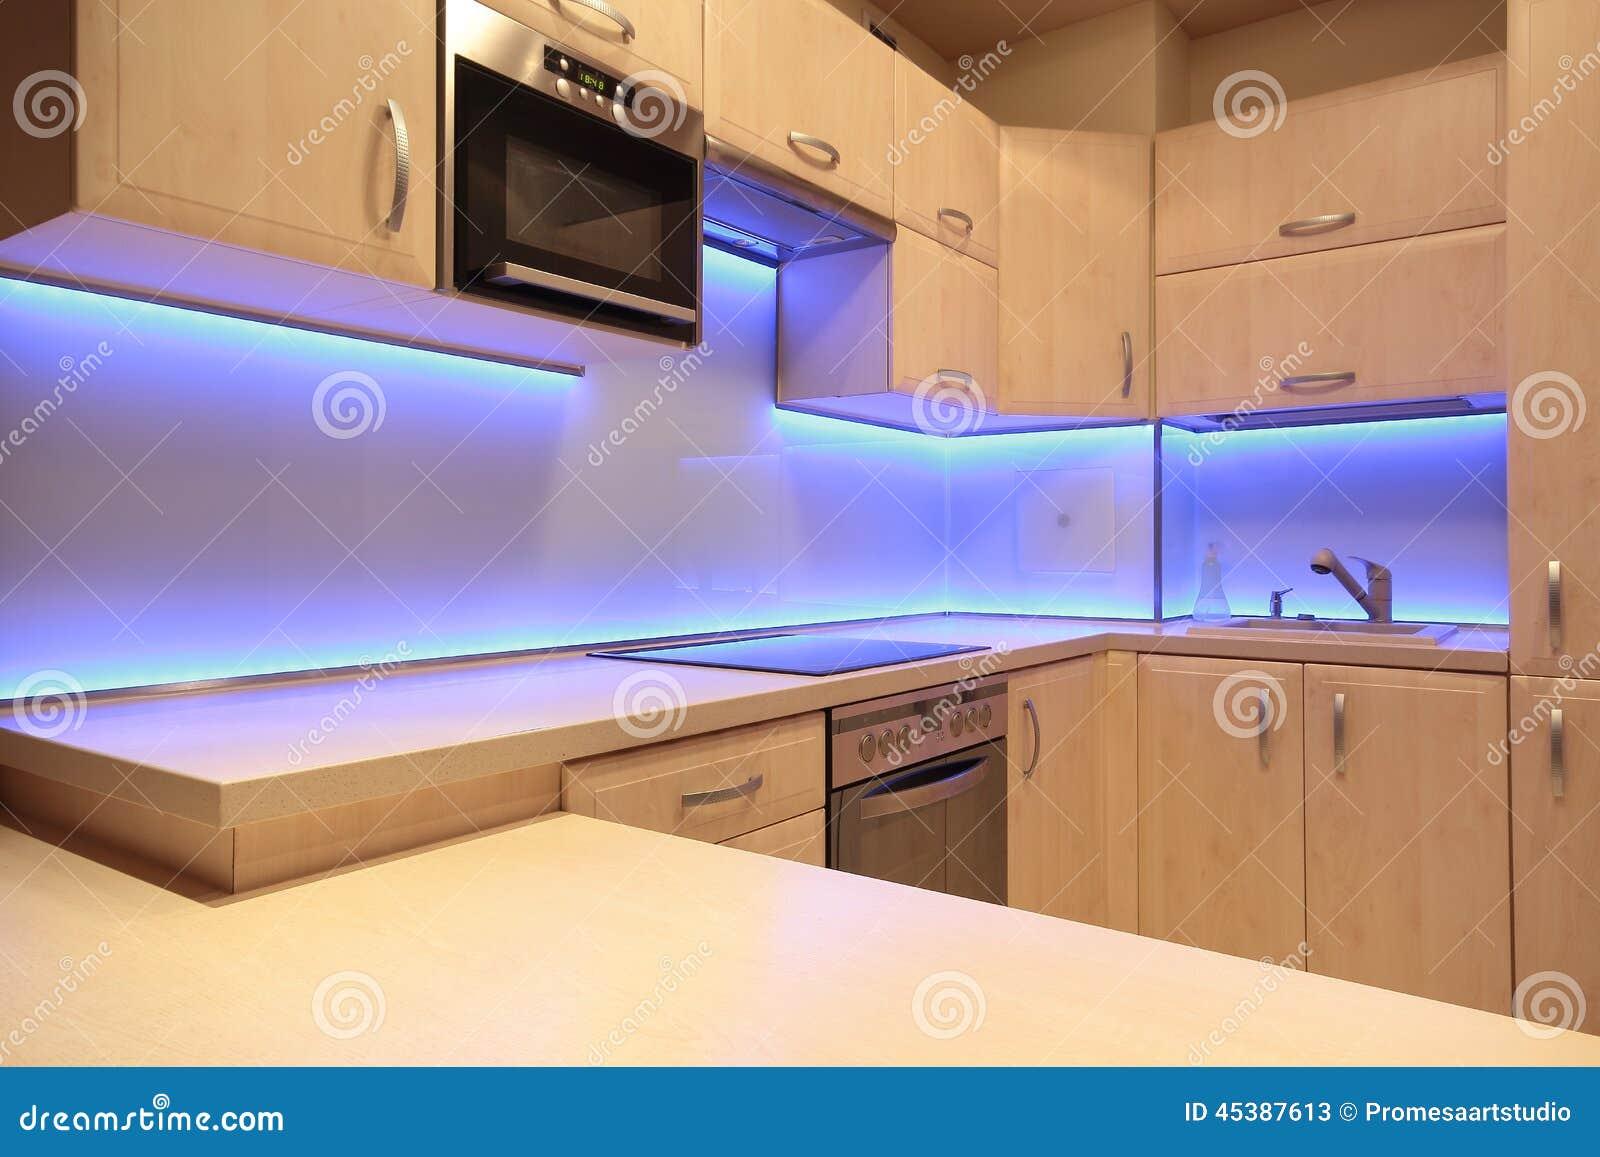 Cucina Di Lusso Moderna Con Illuminazione Porpora Del LED Immagine ...